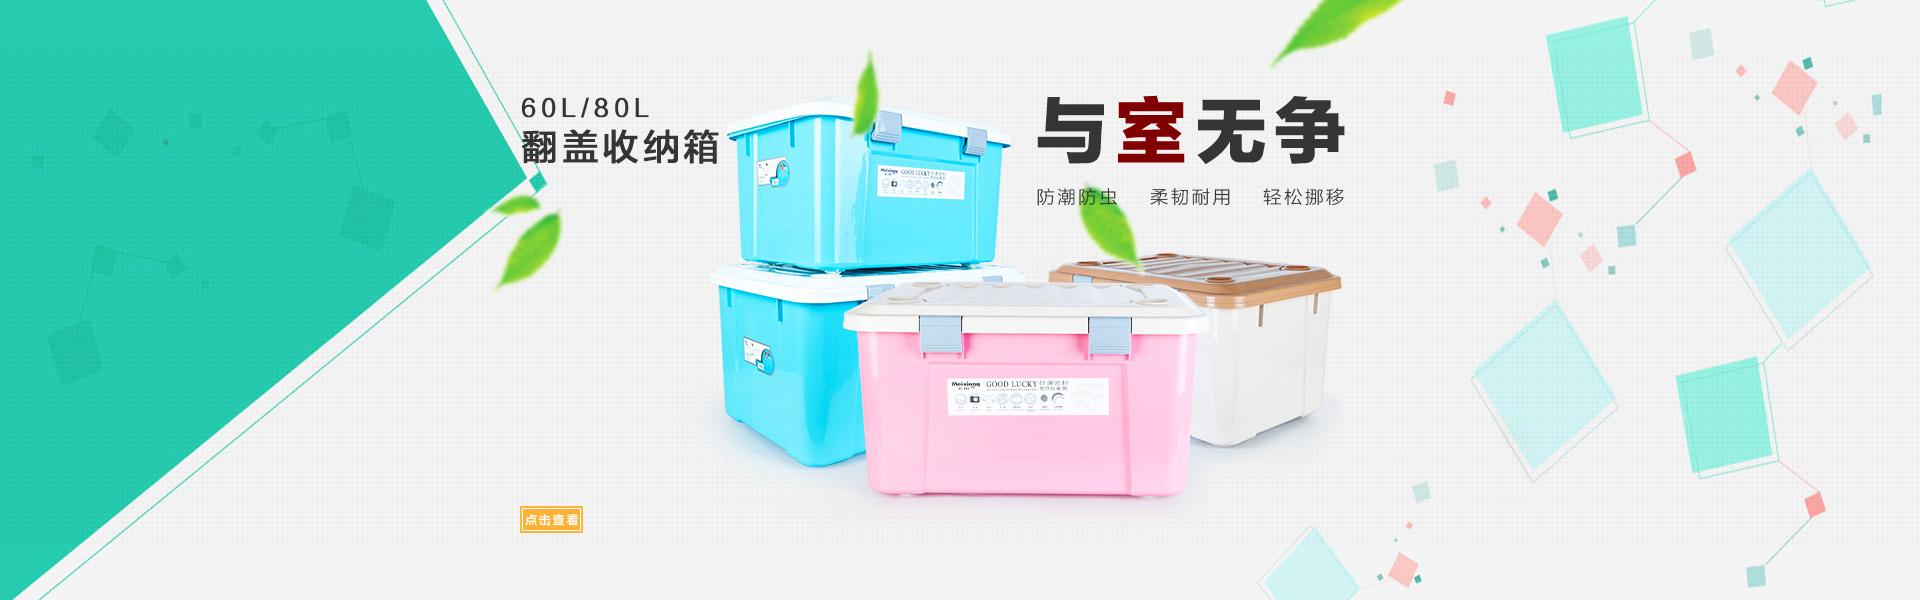 晋江市进盛塑料制品有限公司